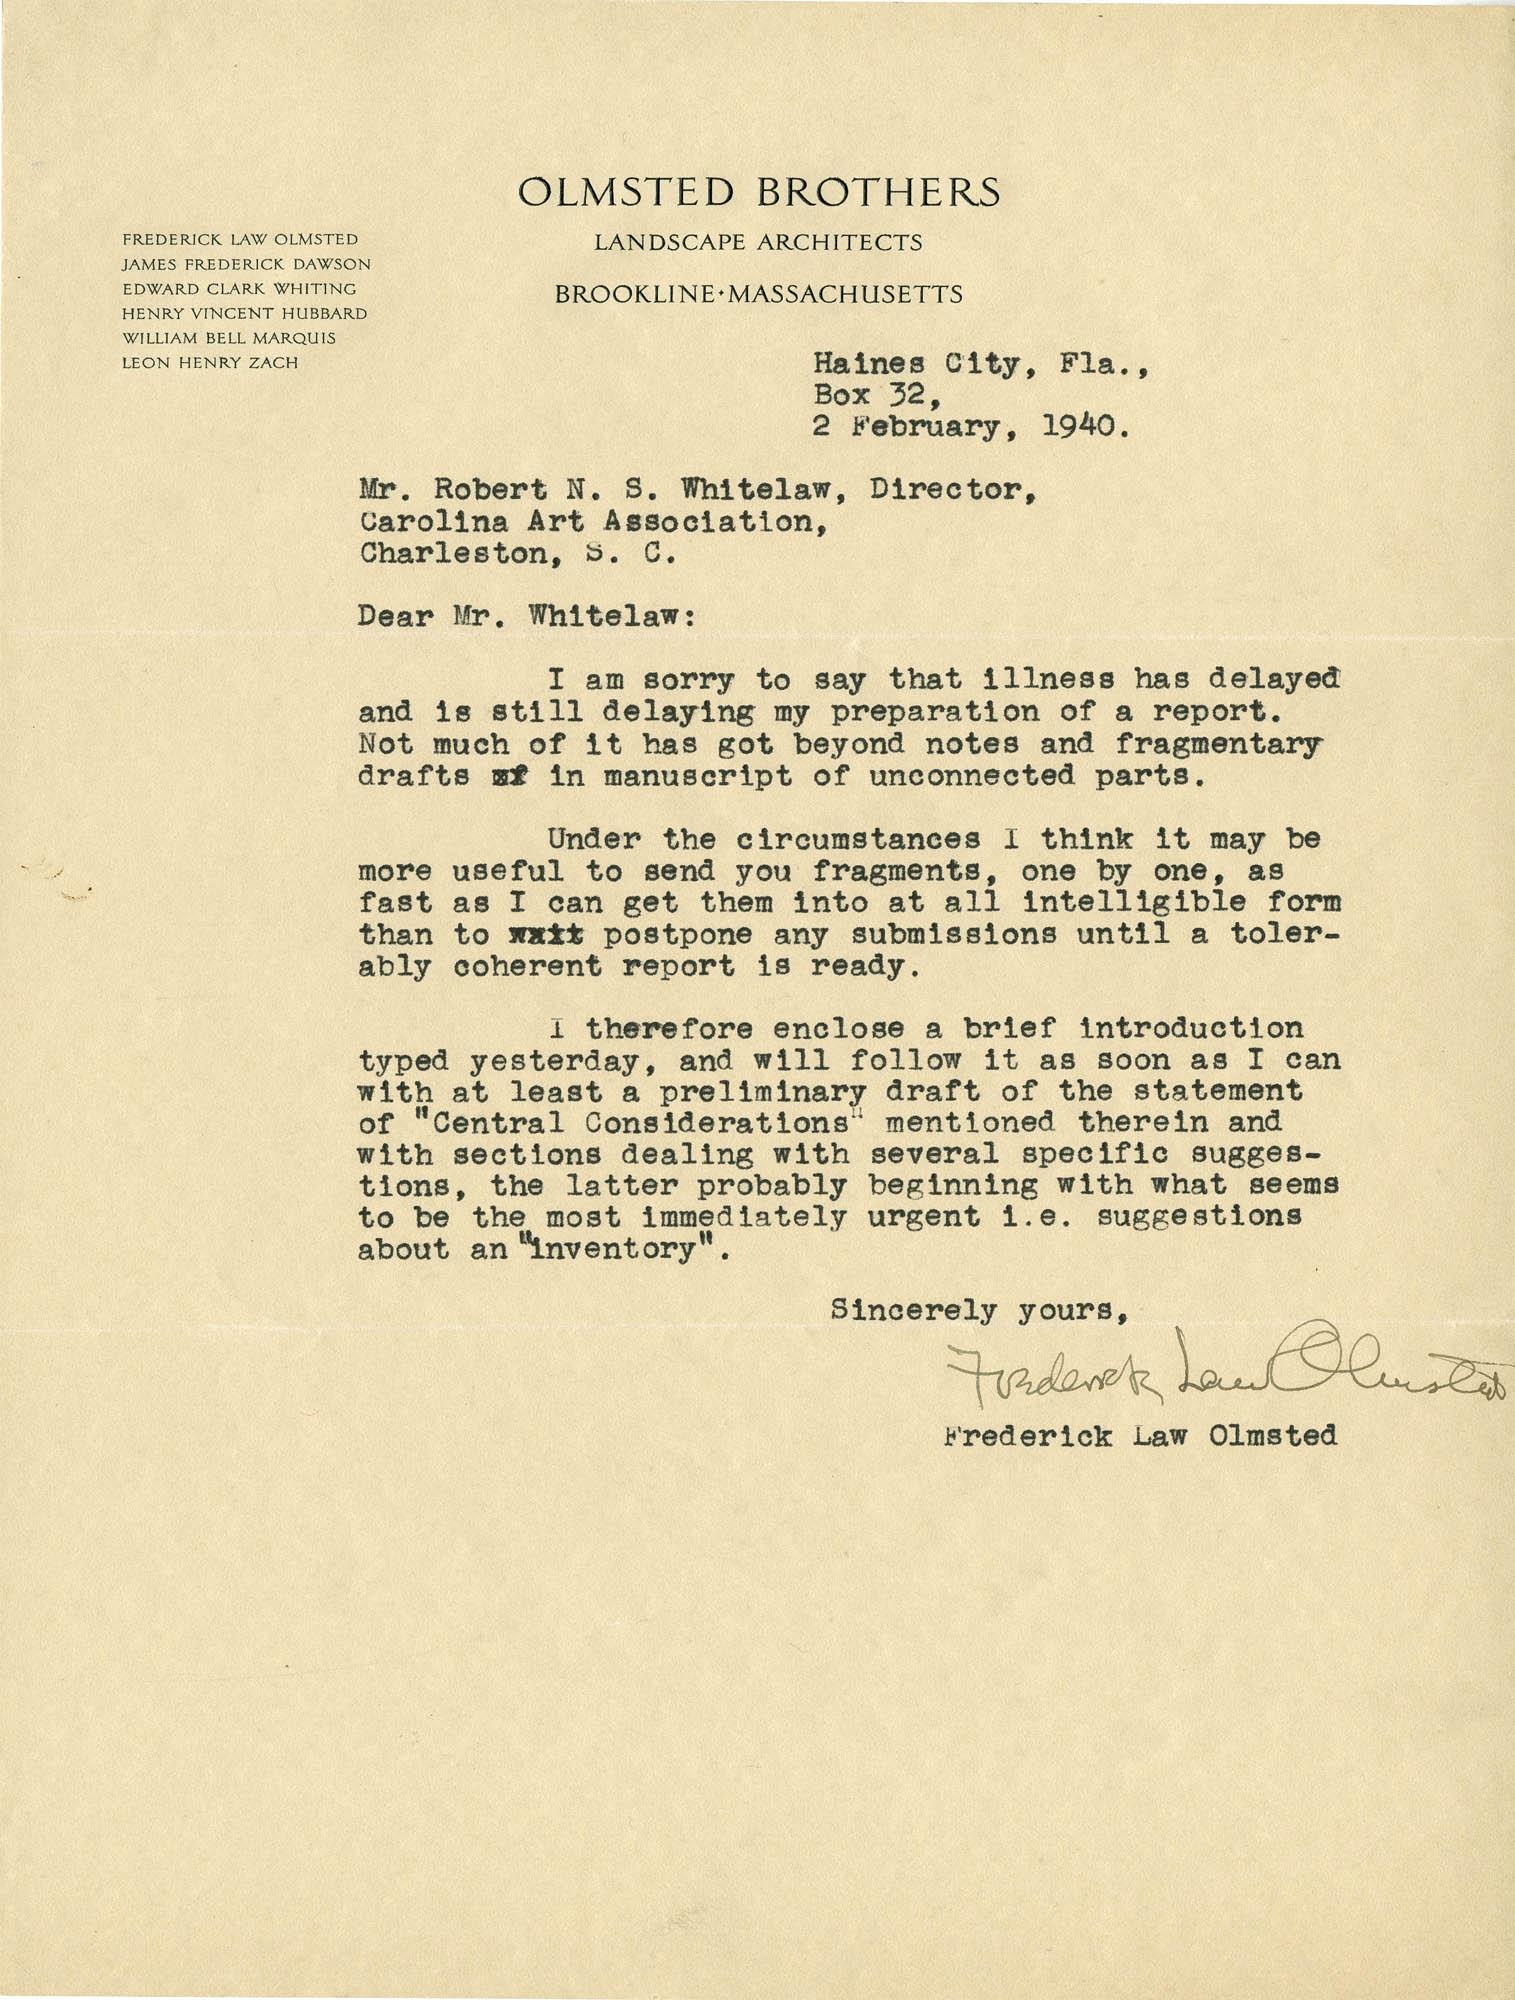 Folder 20: Olmsted Letter 7